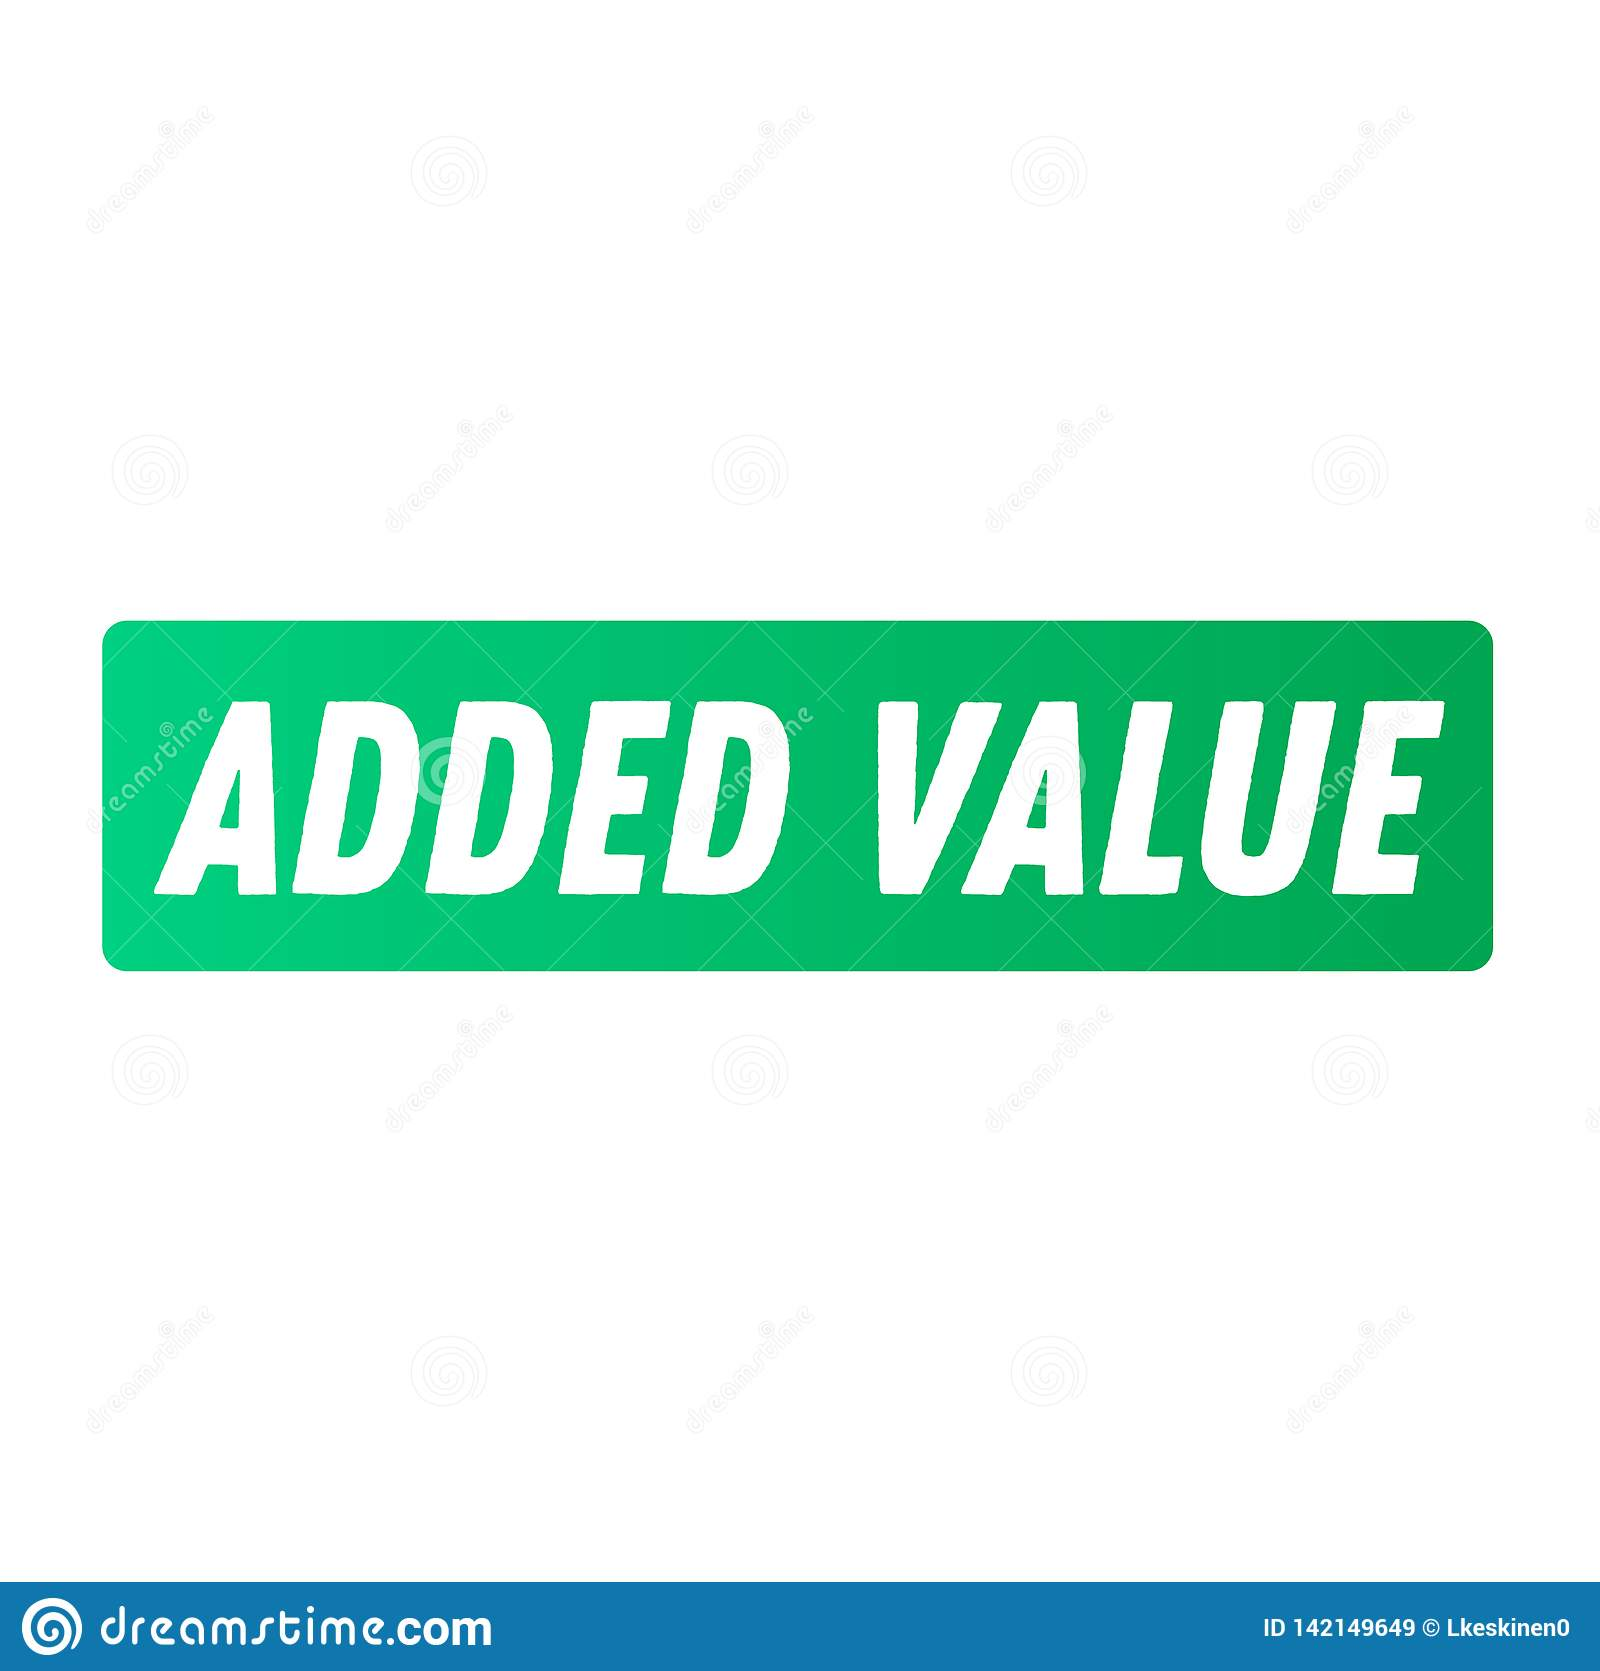 Autocollant de la publicité de valeur ajoutée